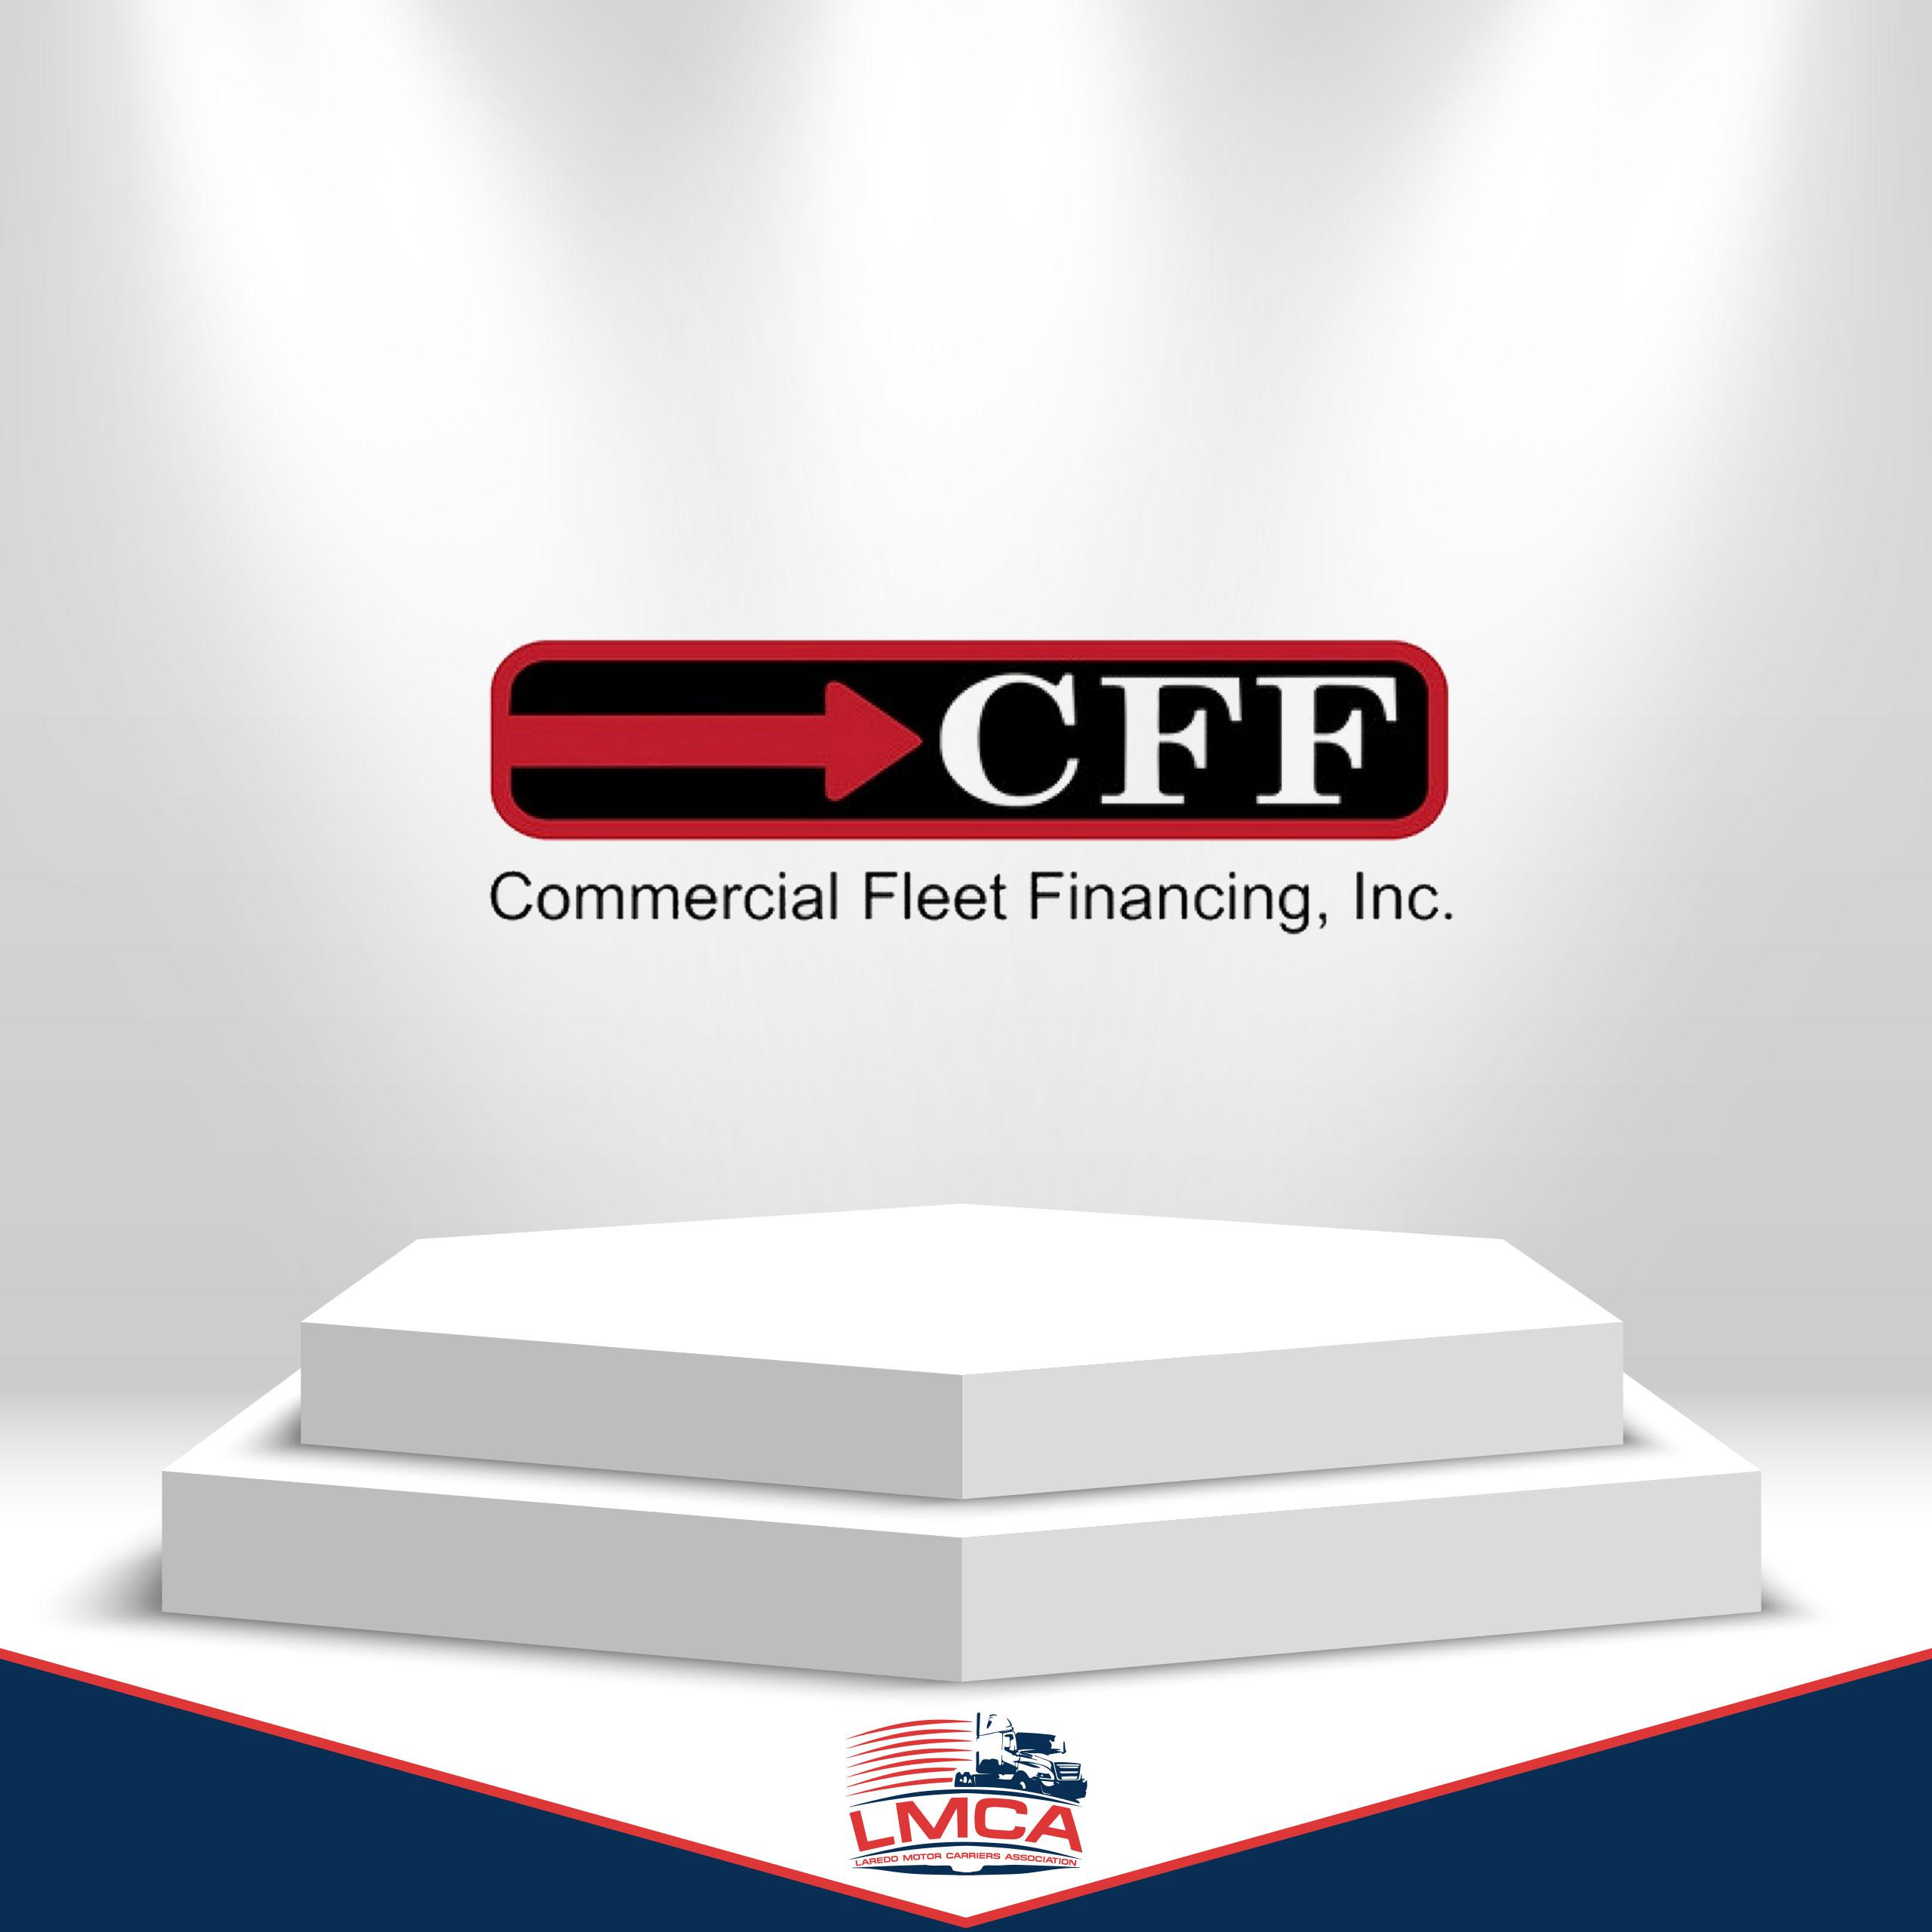 cff commercial fleet